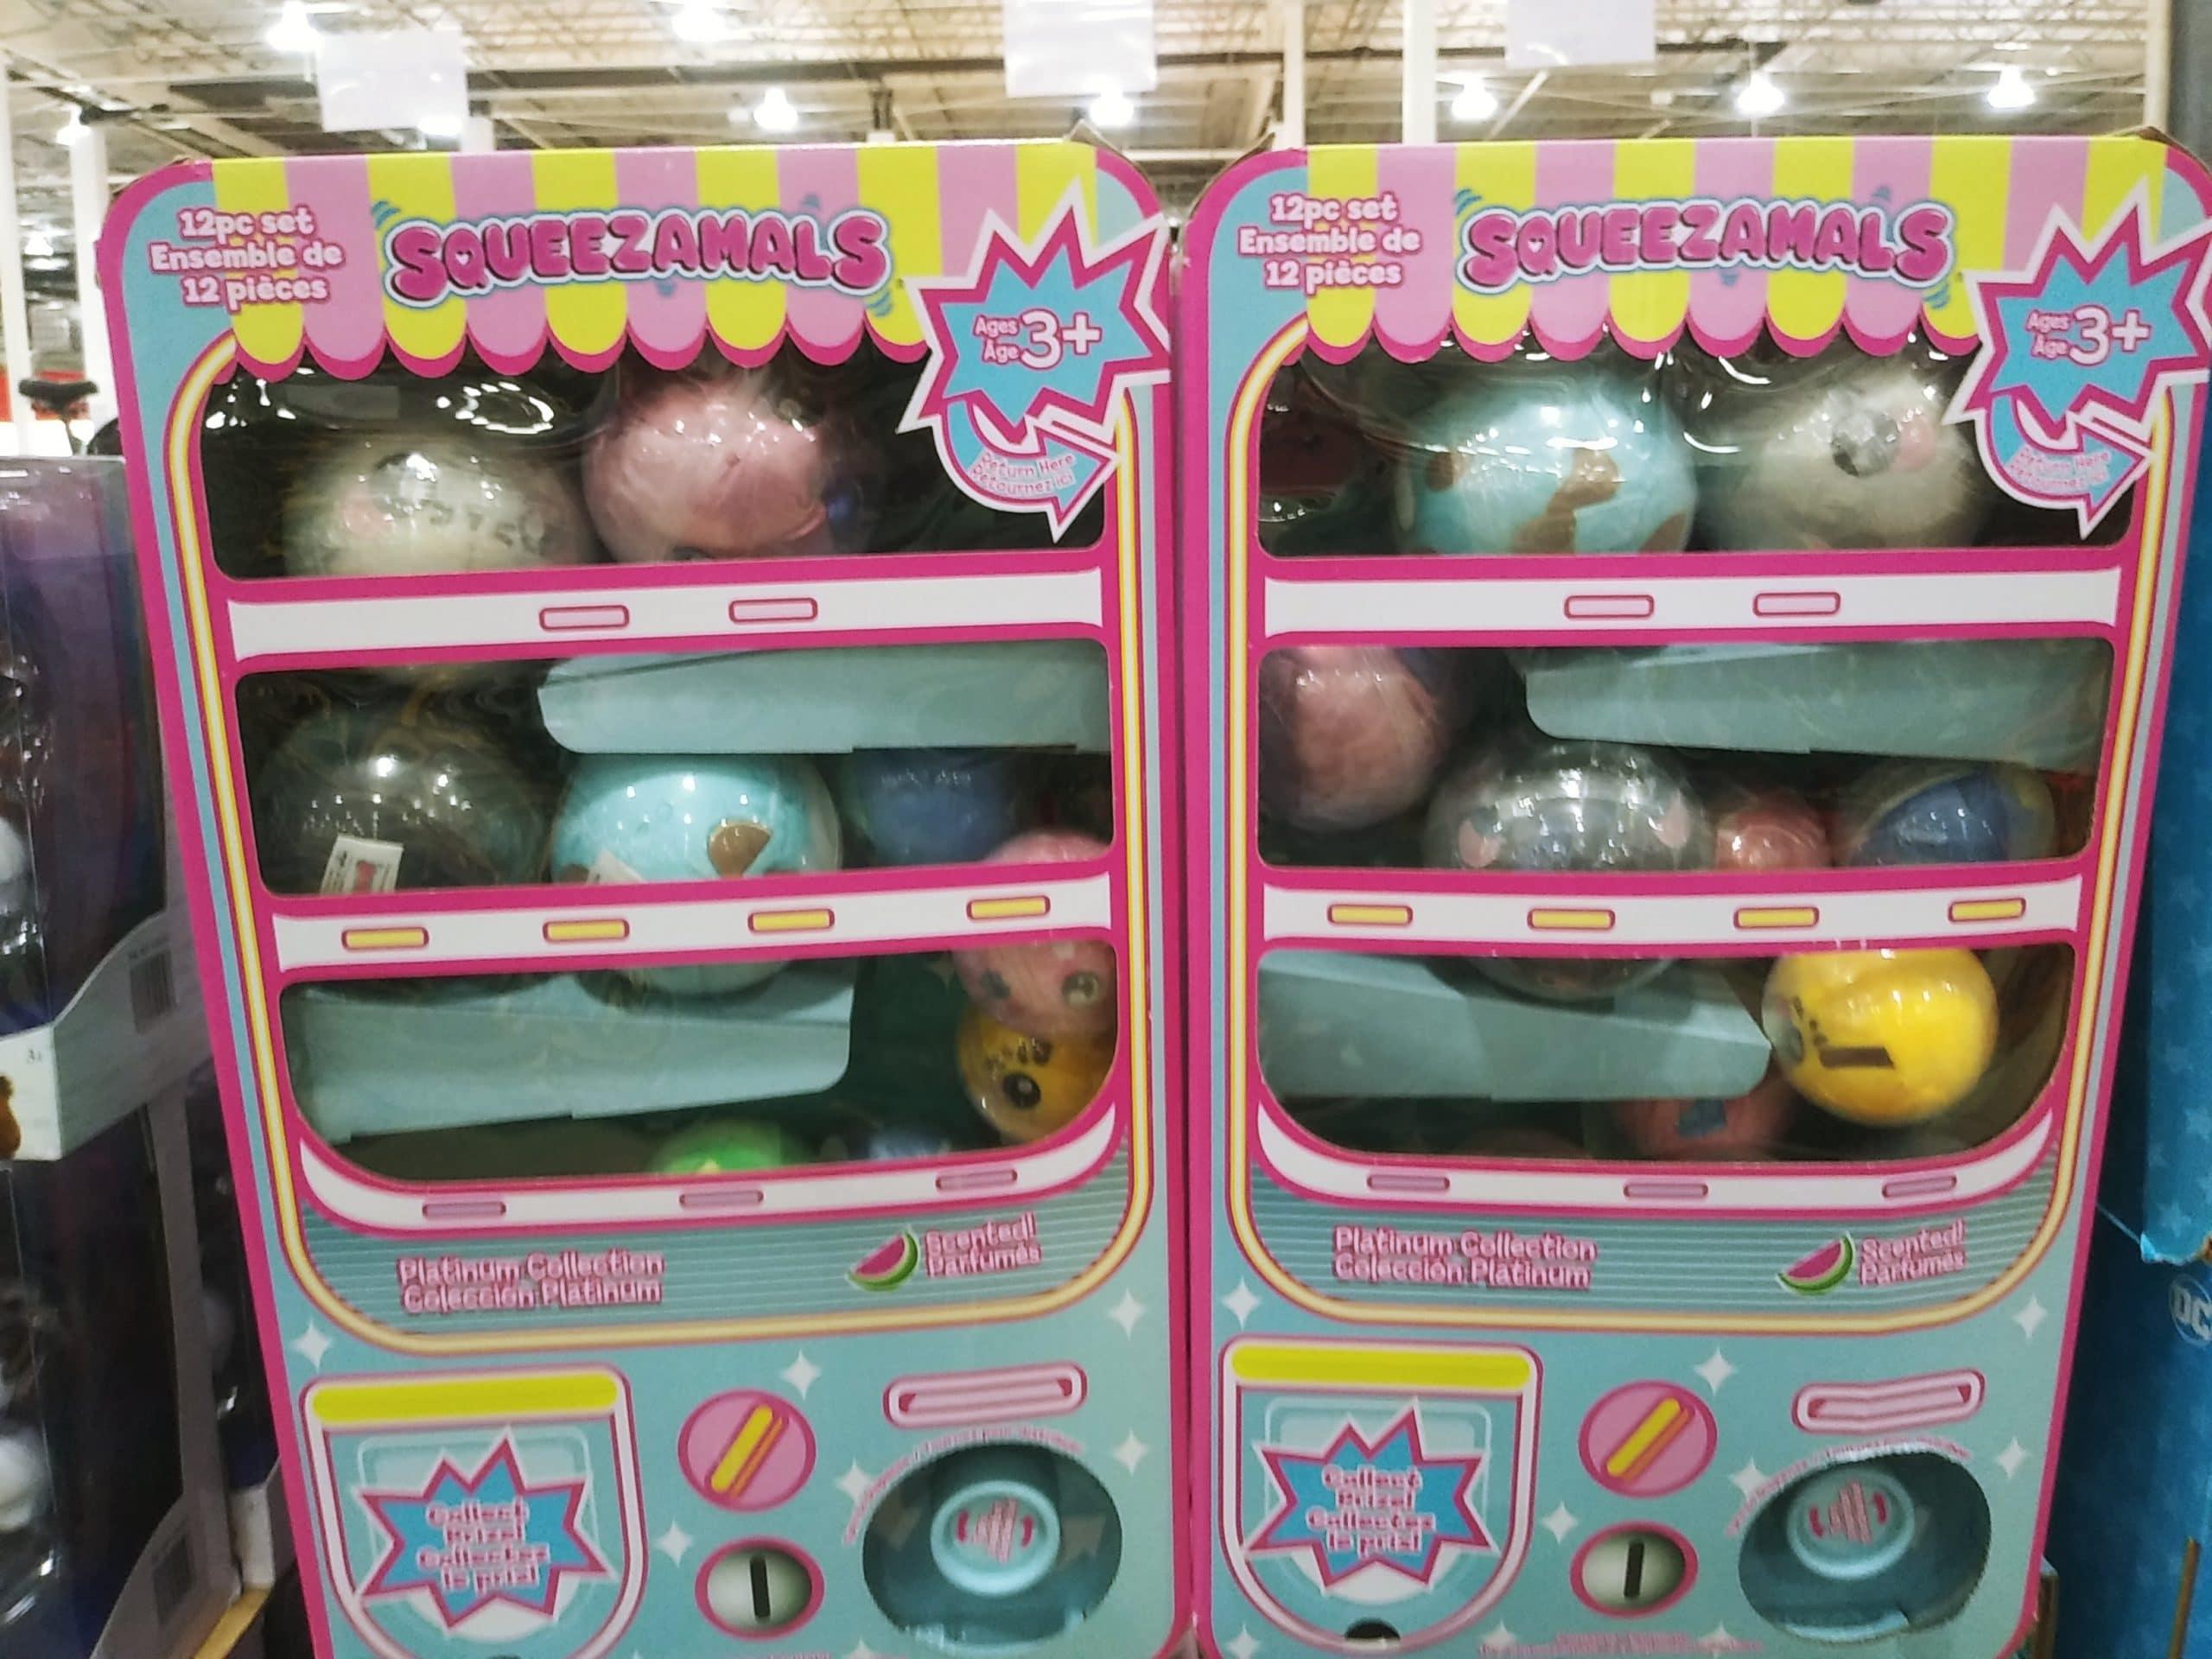 Squeezamals Vending Machine Surprise Plush Set $29.99